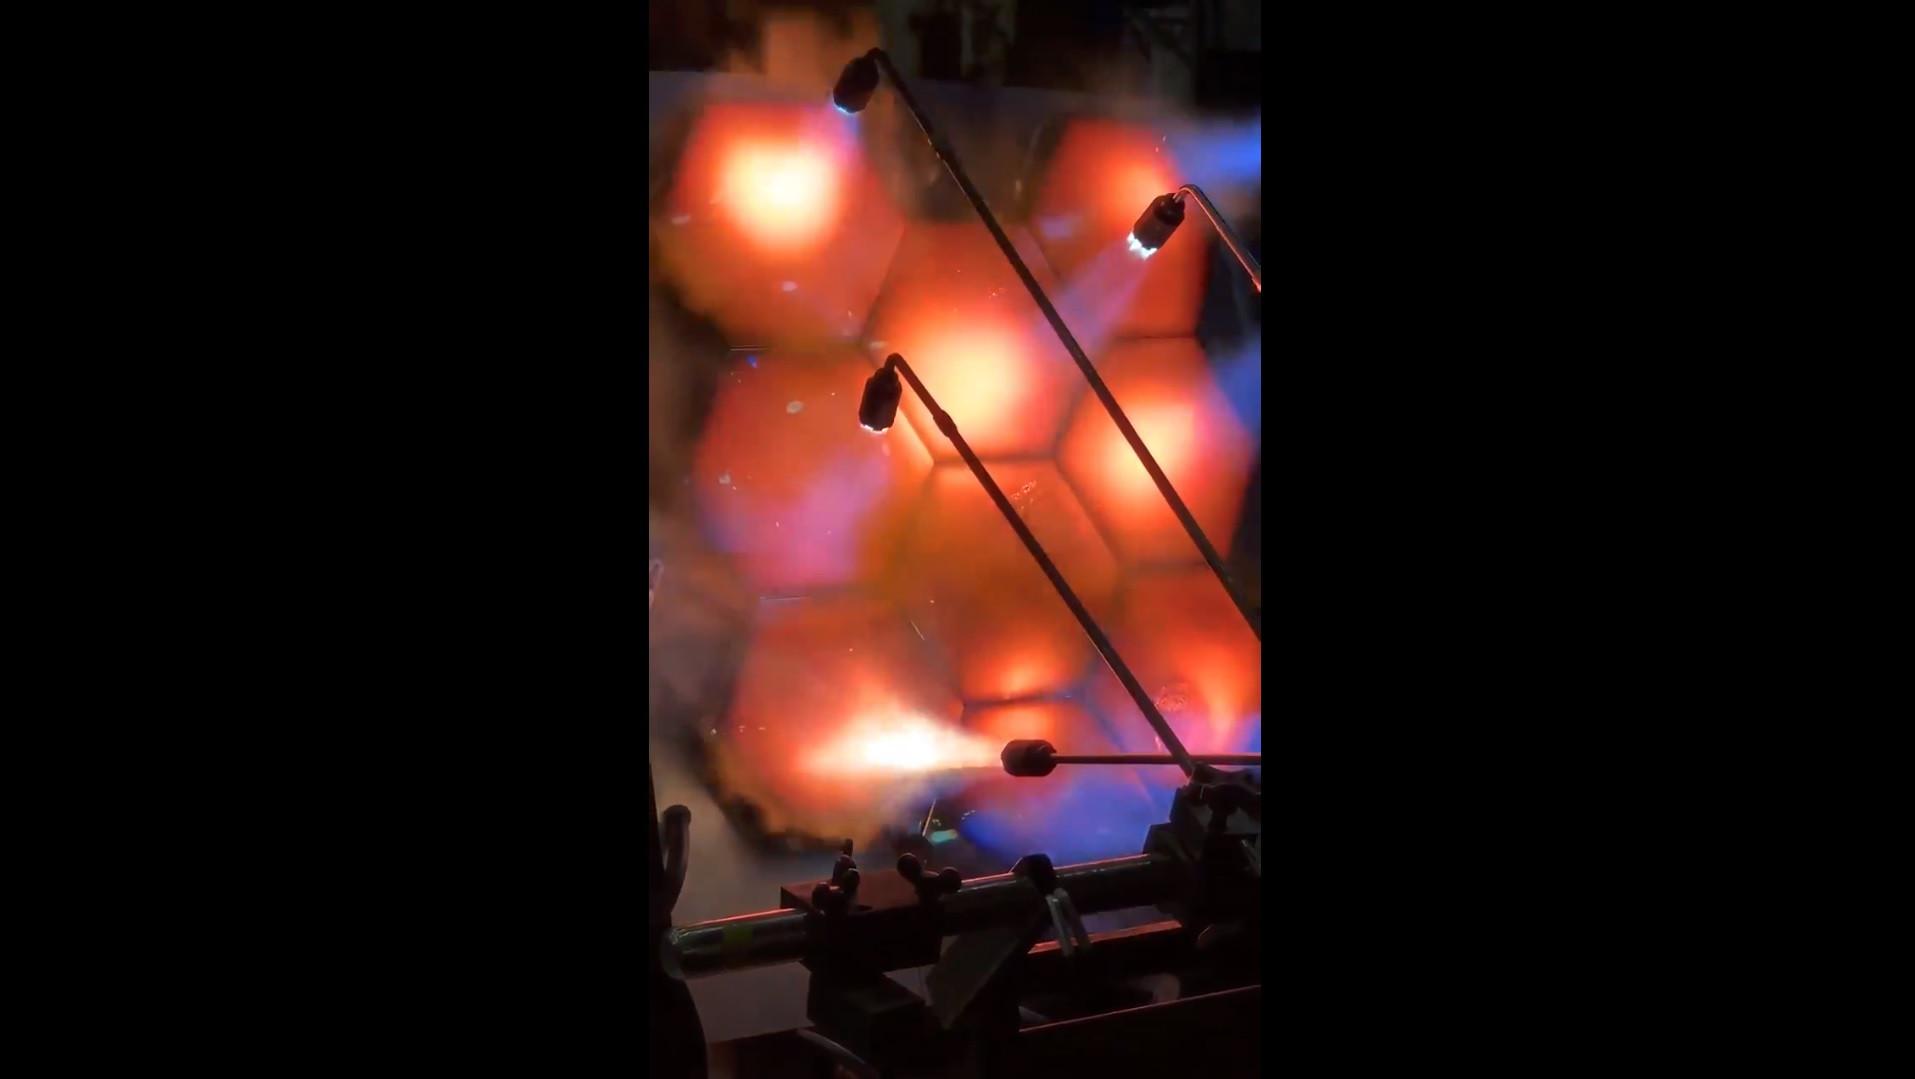 Vídeo de Elon Musk mostra teste extremo em nave da SpaceX